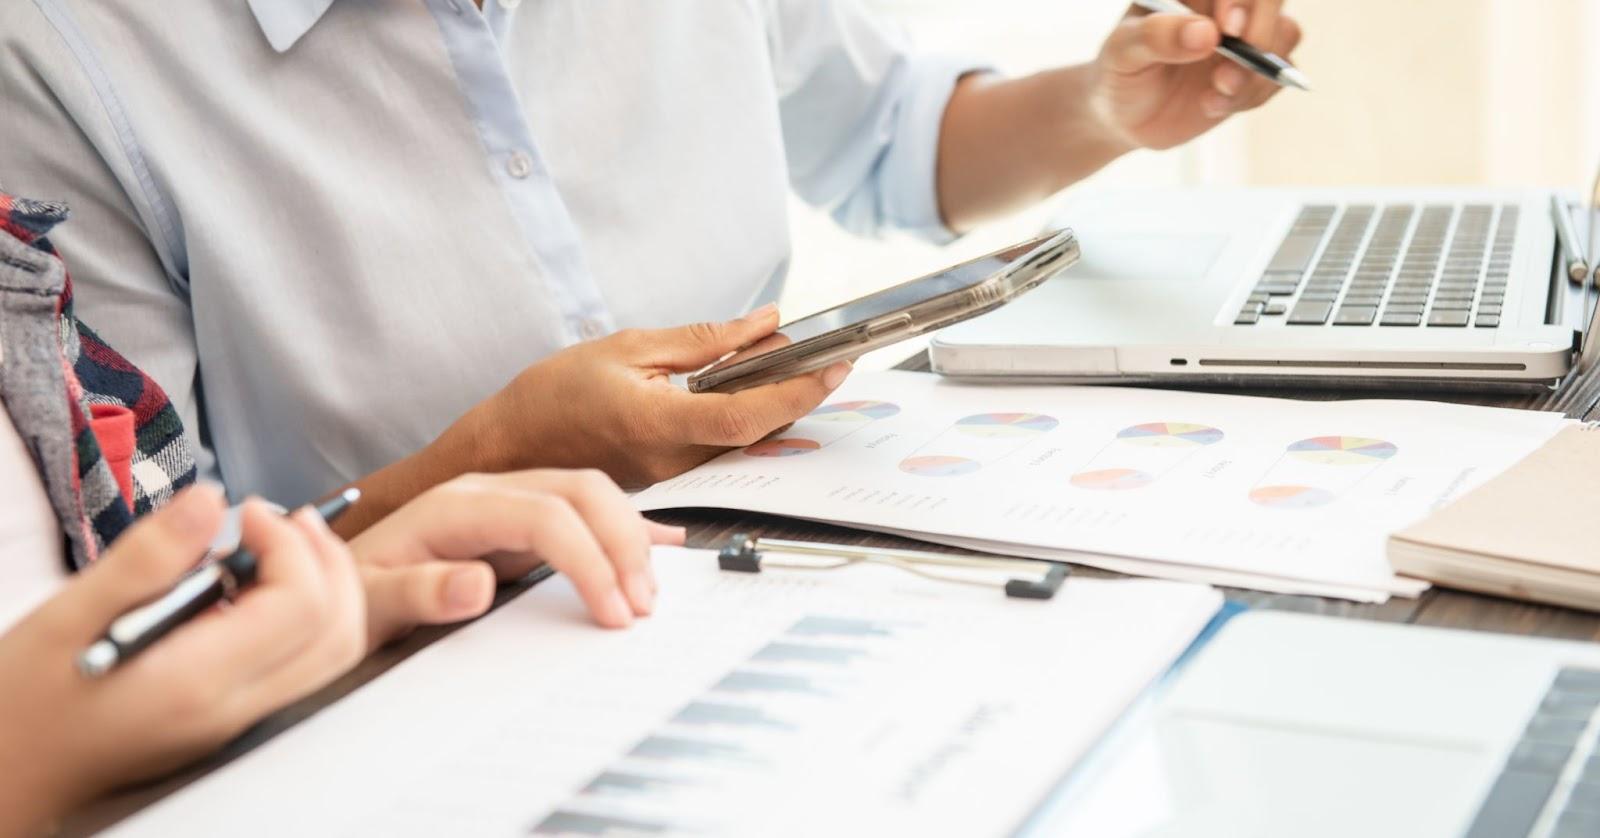 employer-sponsored insurance